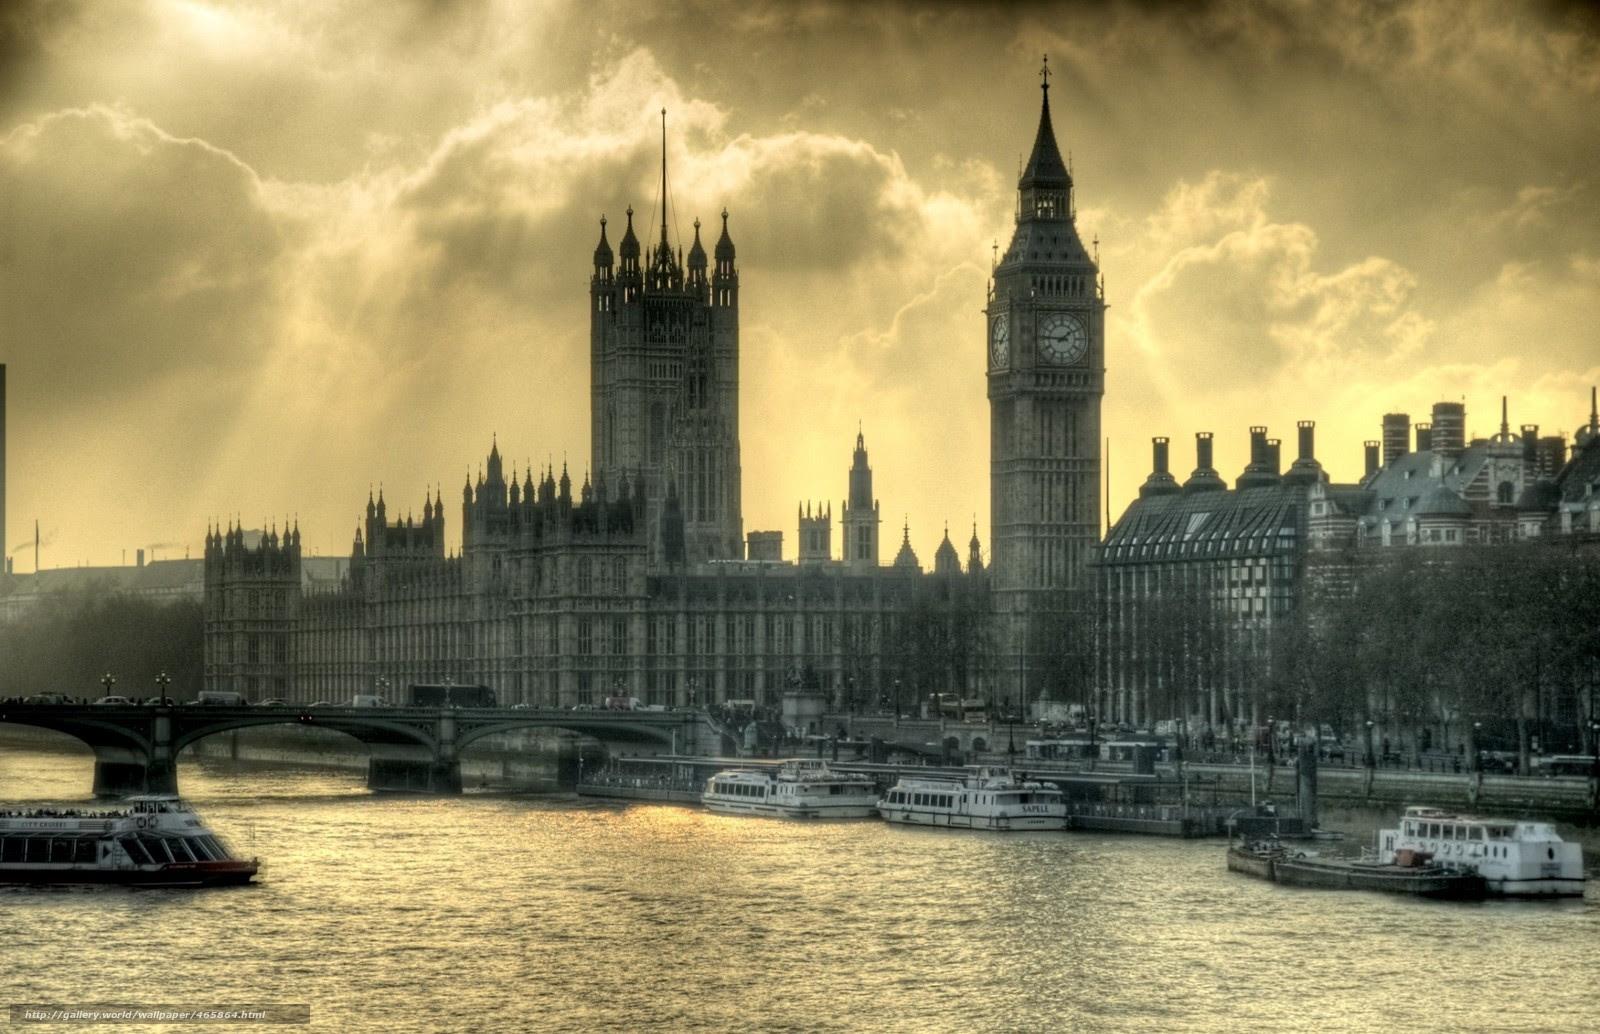 壁紙をダウンロード ロンドン ロンドン イギリス イギリス